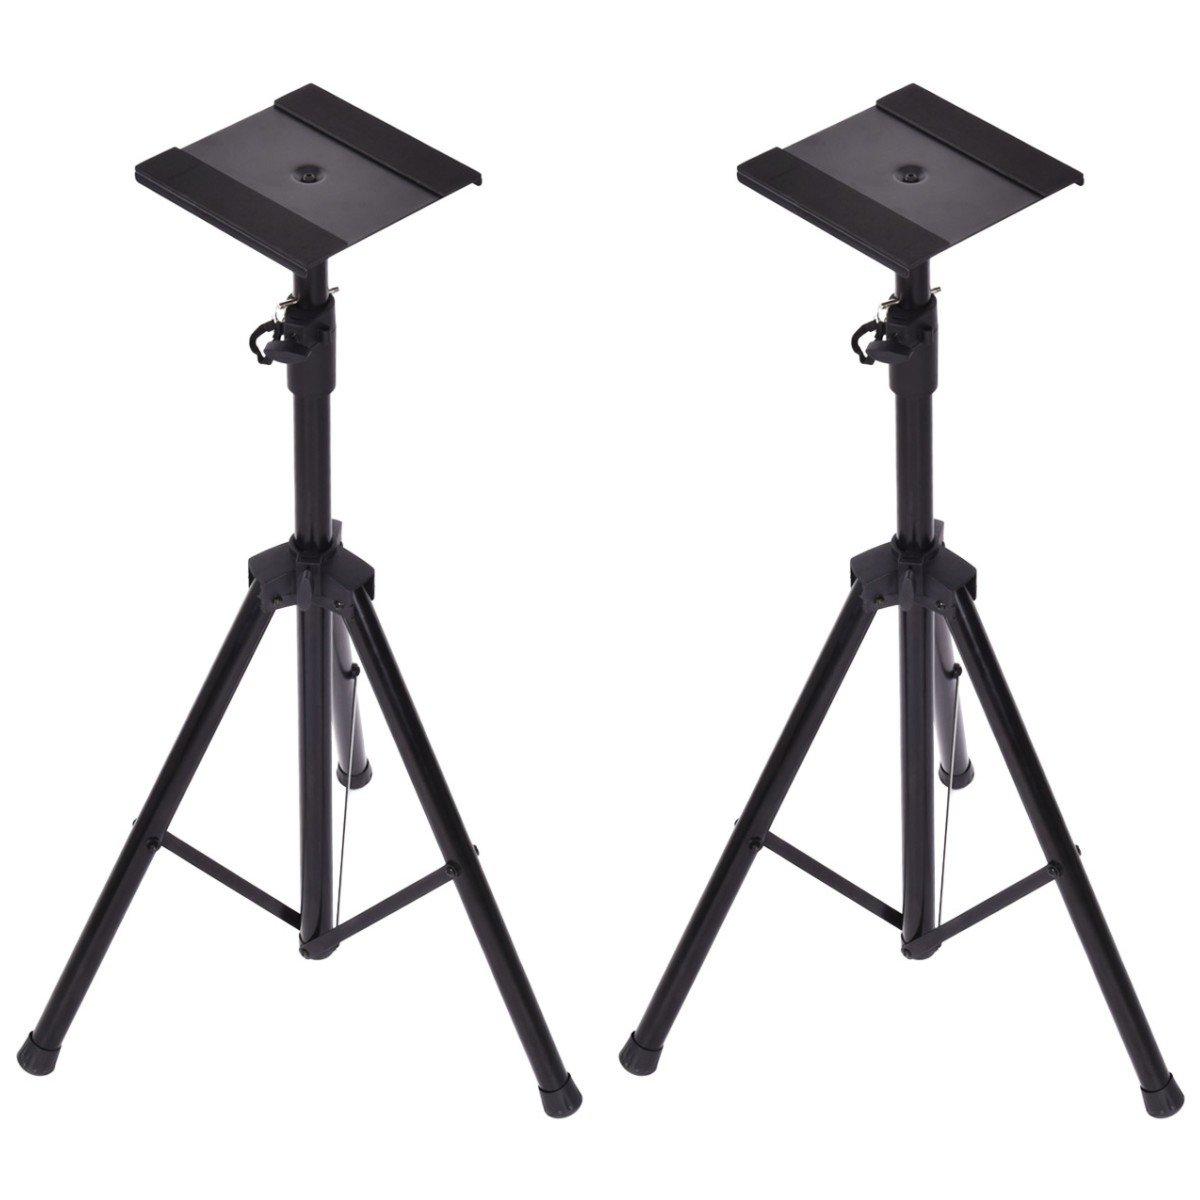 Costzon Speaker Stand Tripod Height Adjustable Design Studio Monitor Floor Stand , Set of 2